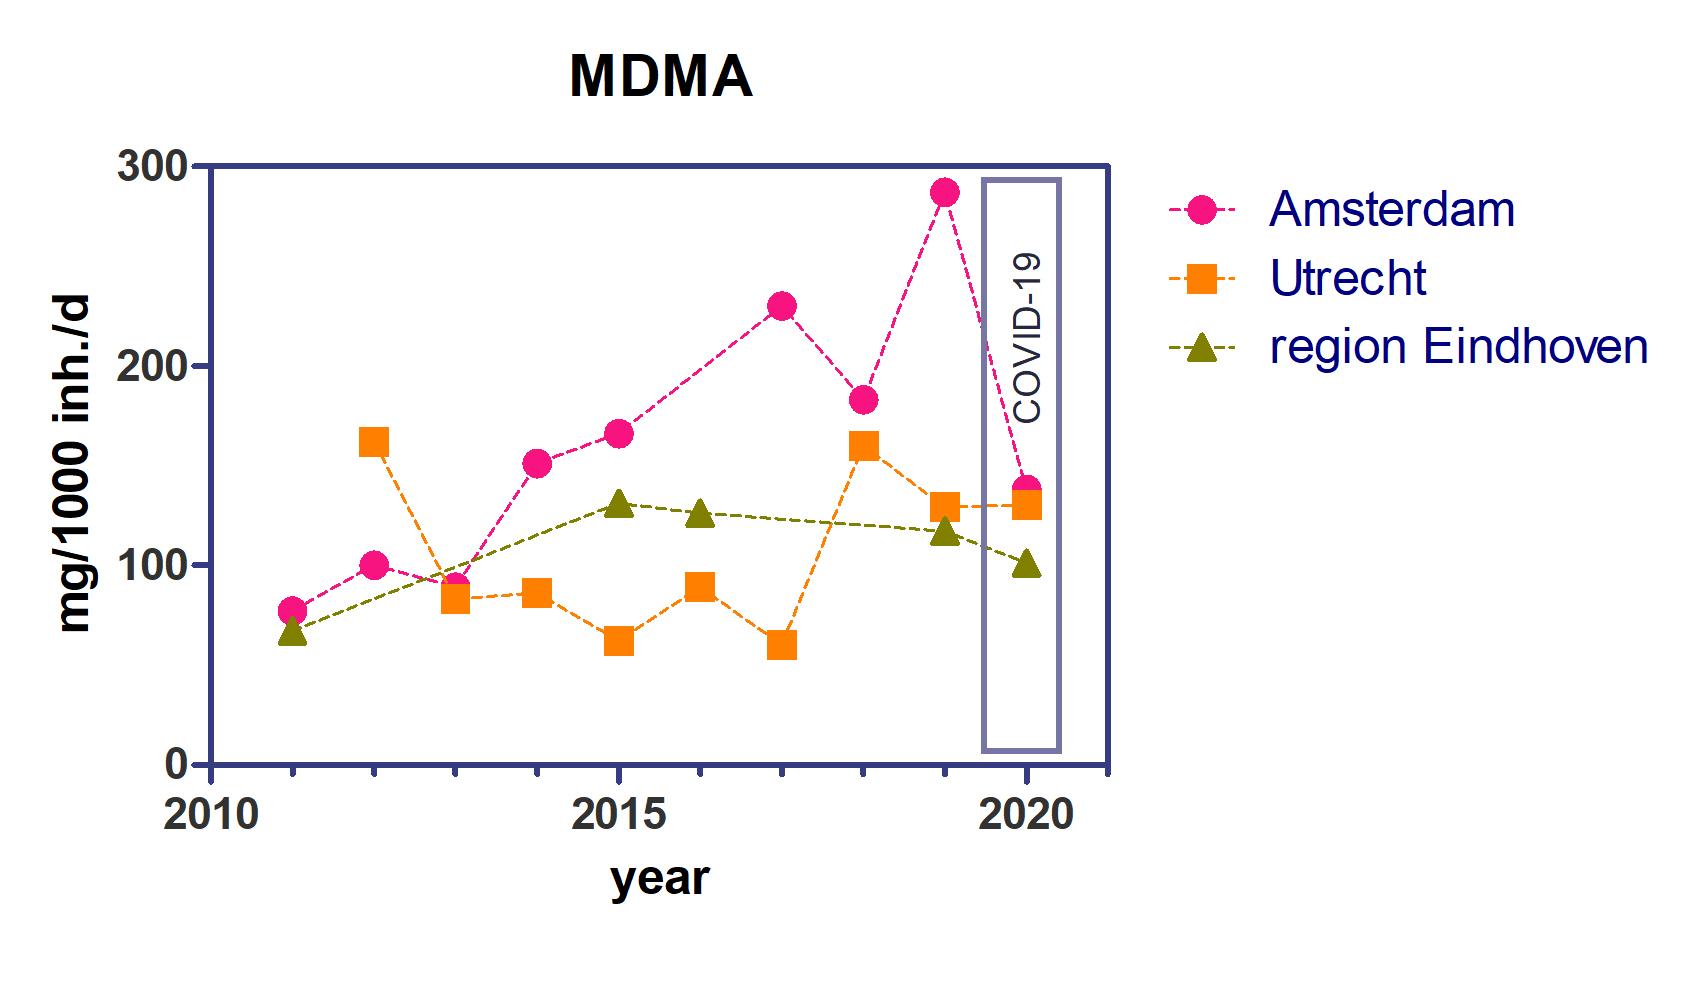 Grafische Darstellung des Ecstasykonsums (MDMA-Konsums) in Amsterdam, Eindhoven und Utrecht als Zeitreihe von 2011 bis 2020 – 2020 gemessen während des Lockdowns aufgrund der Coronapandemie. Grafik: KWR (2020)